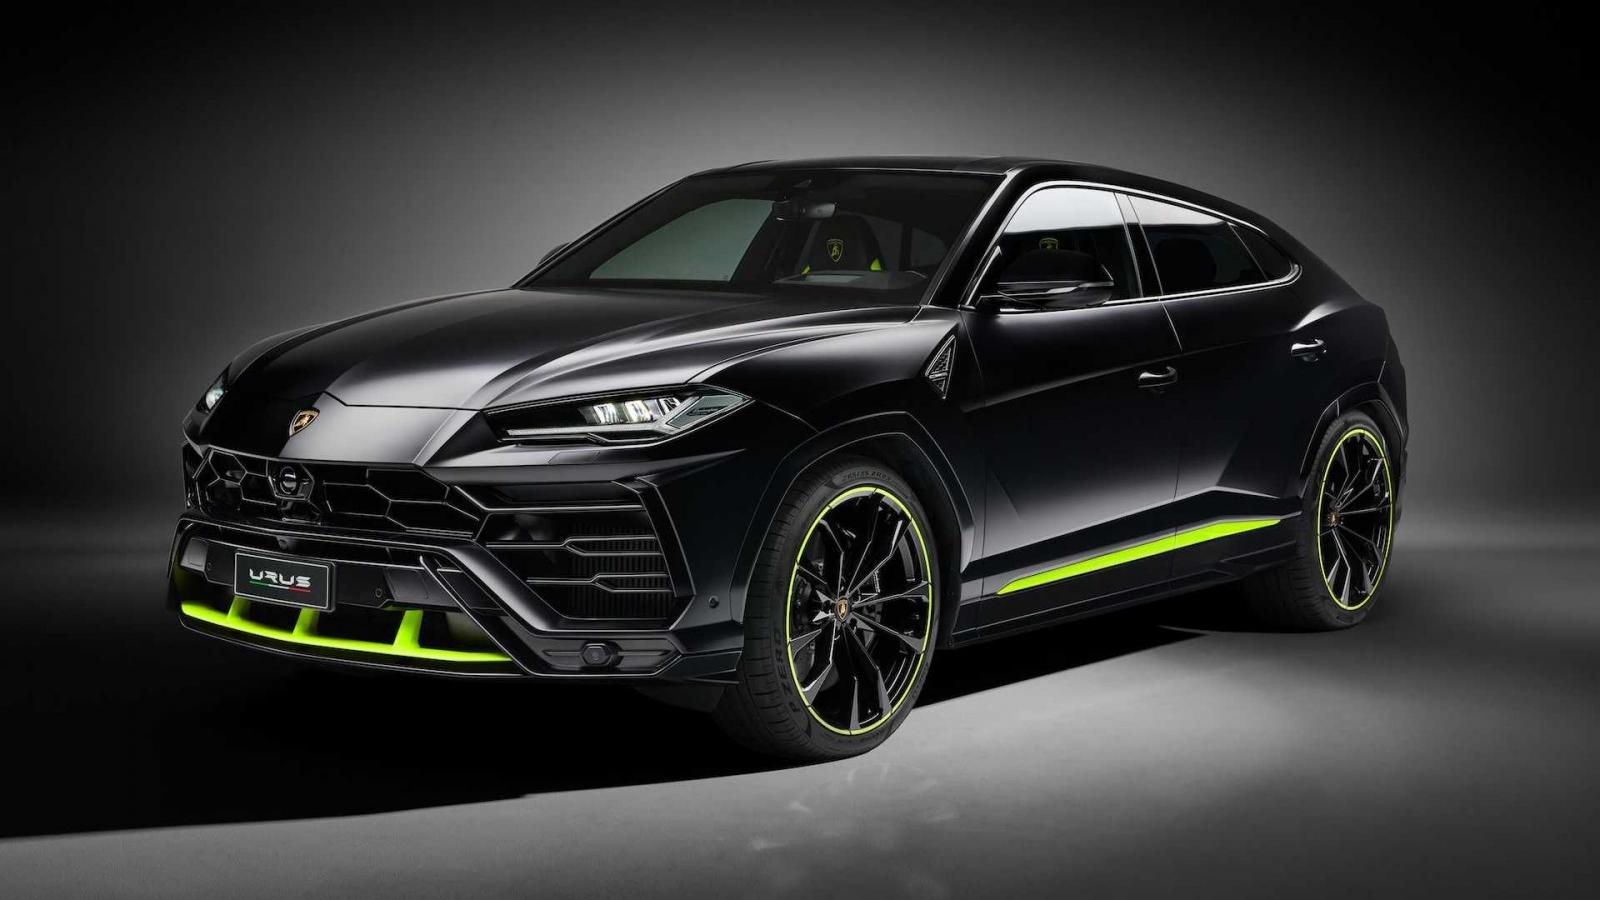 Lamborghini giới thiệu bộ phối màu Graphite Capsule cho SUV Urus